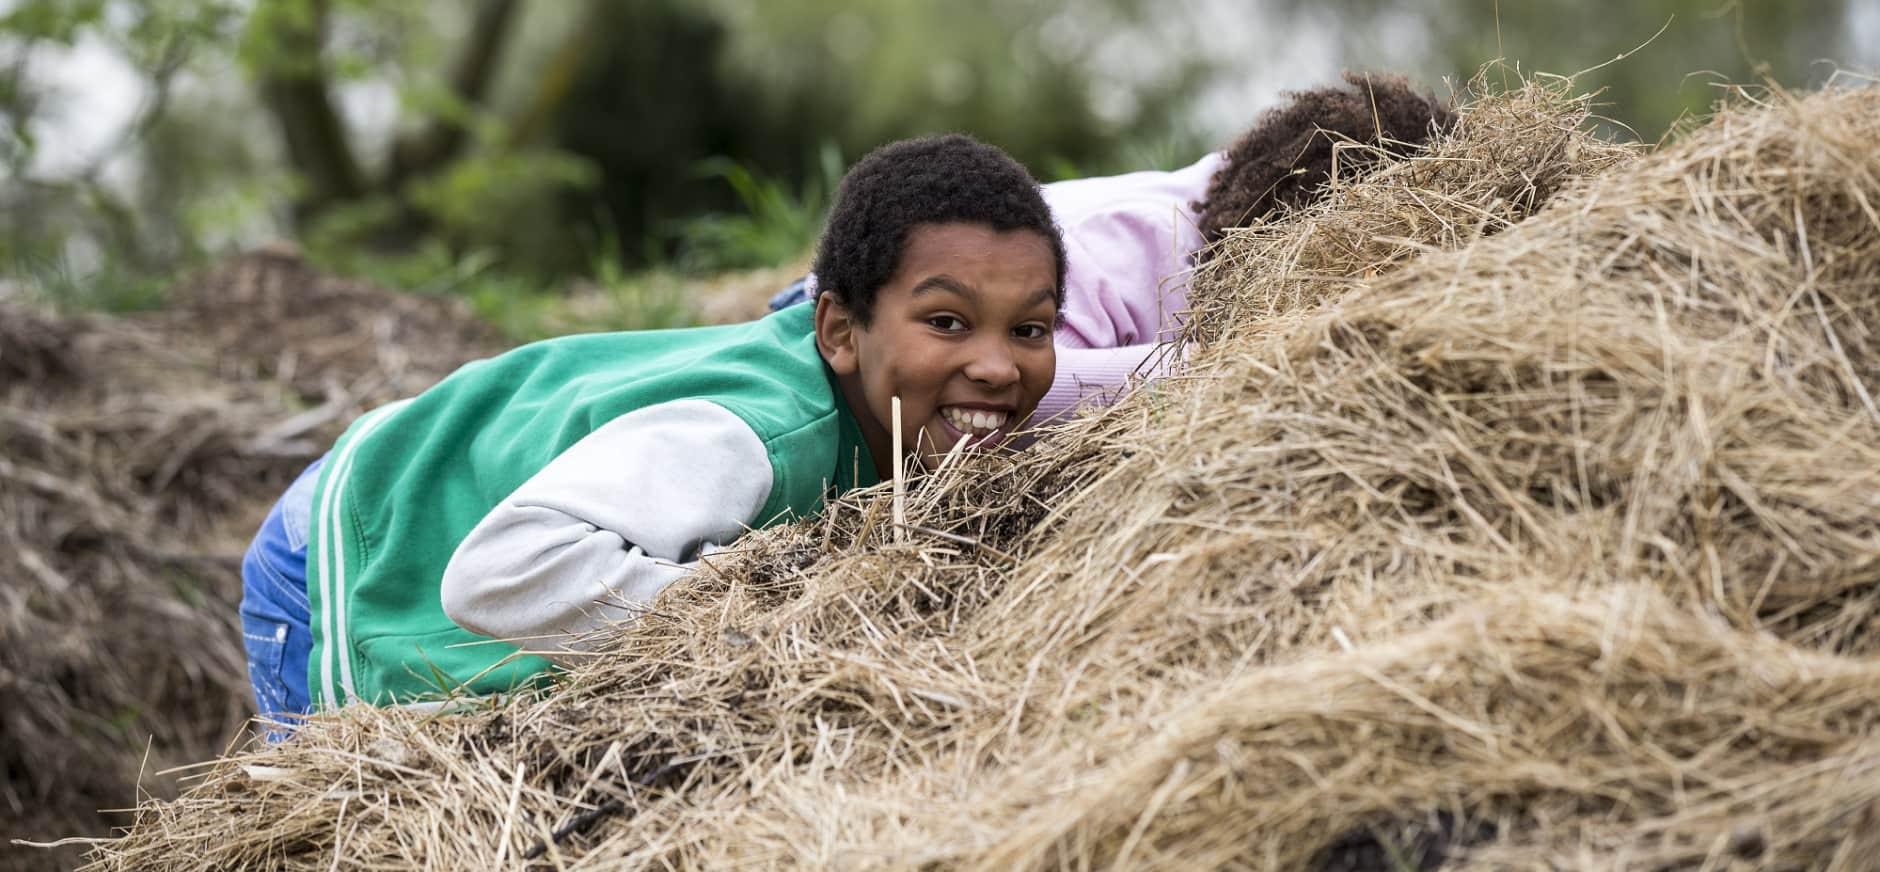 Rotterdamse stadsherder Martin organiseert extra herfstactiviteiten op de Belevenisboerderij